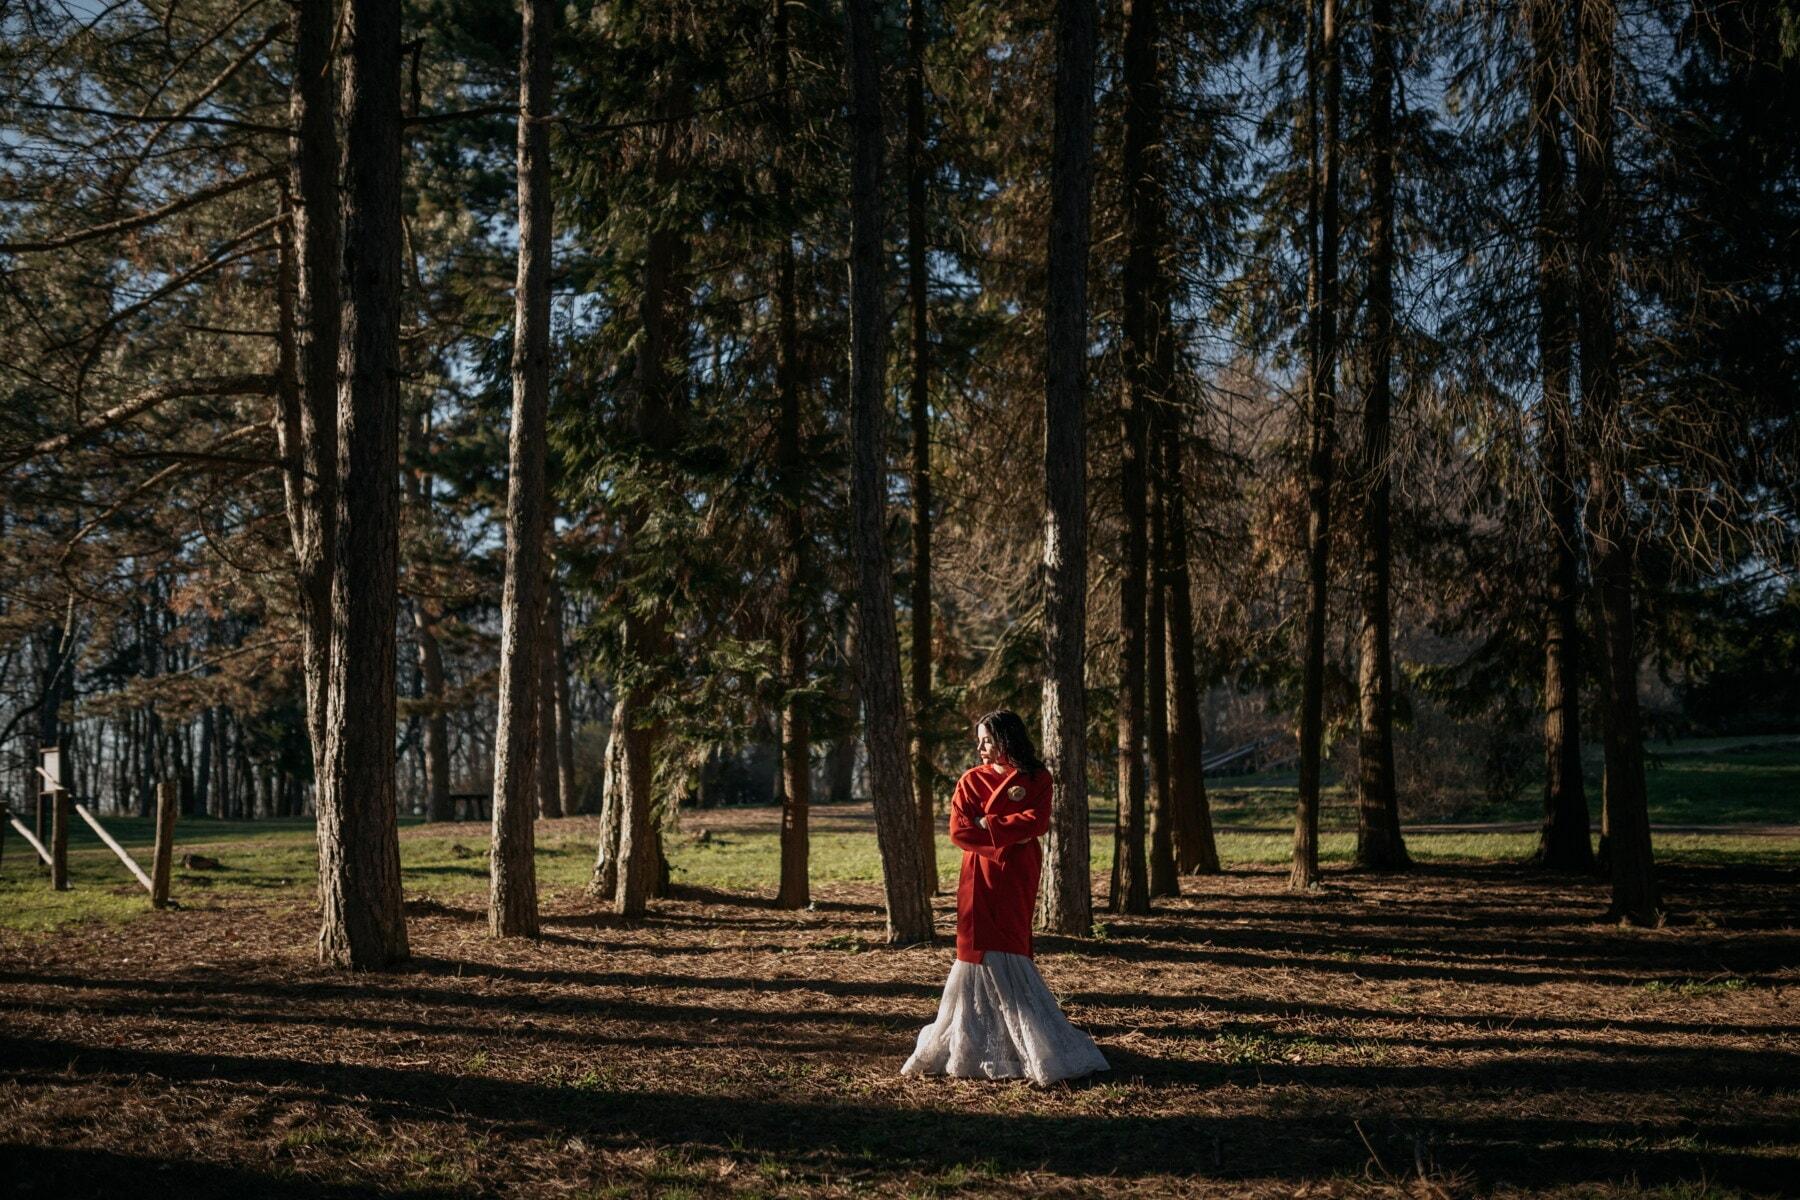 veste, rouge, forêt, seul, jeune femme, bois, nature, arbres, jeune fille, arbre